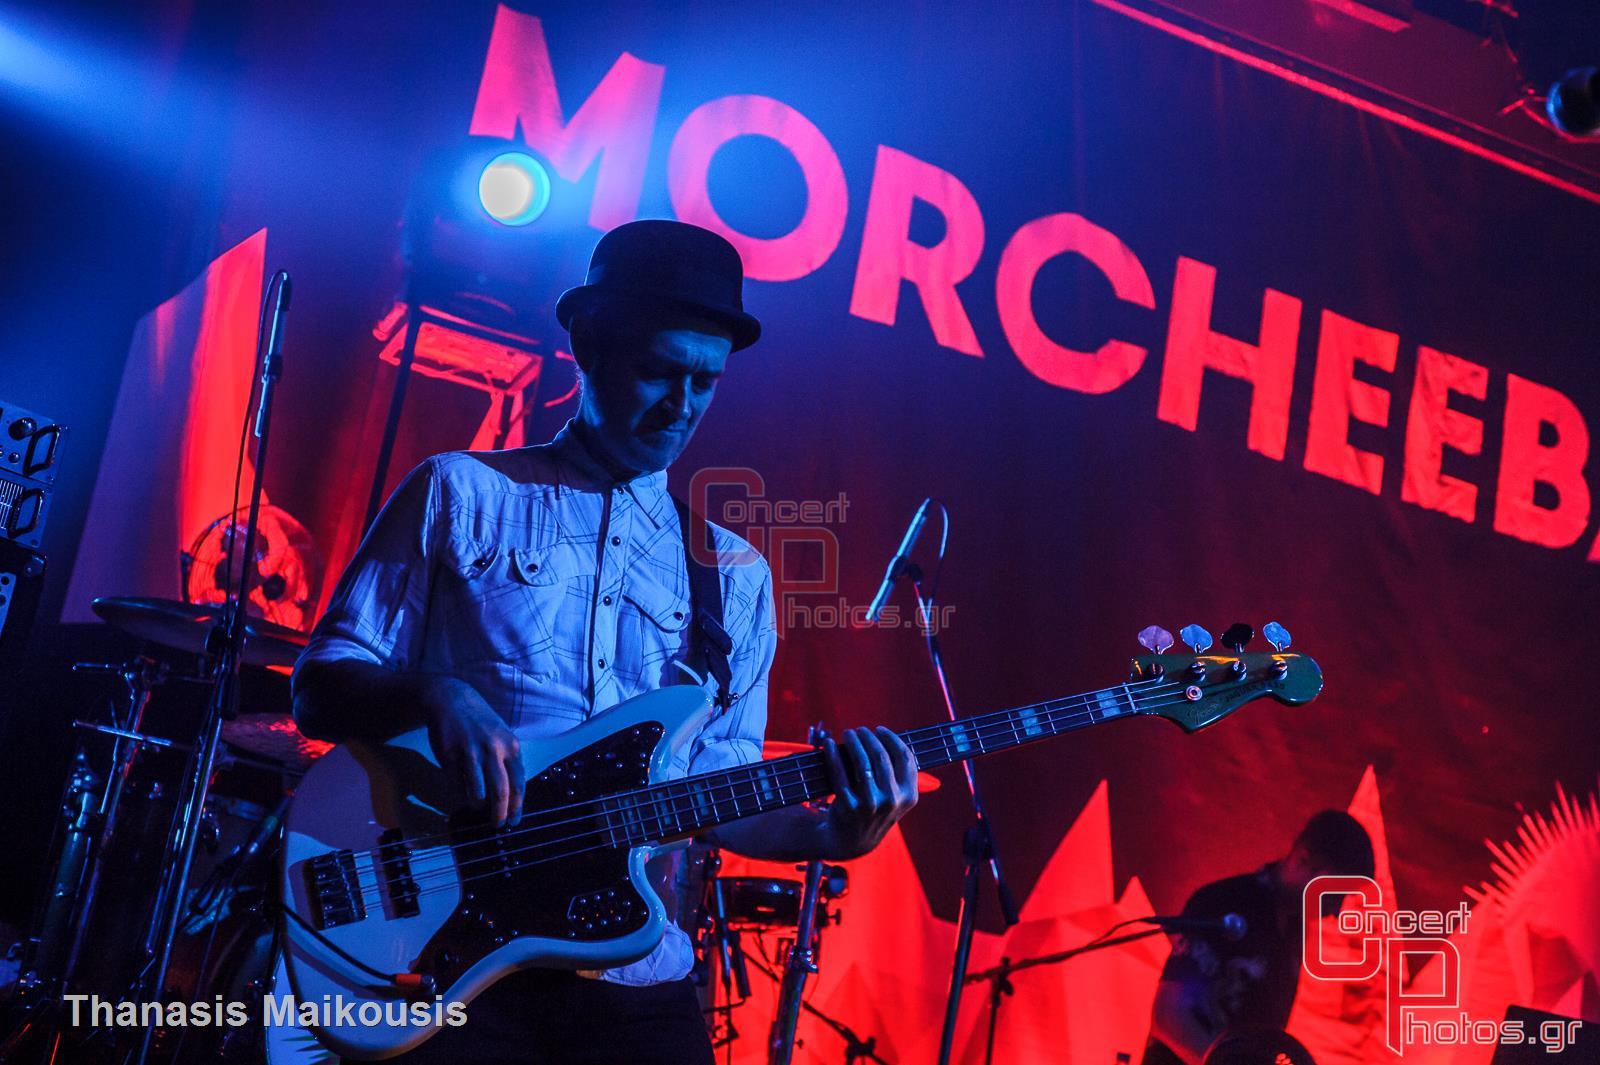 Morcheeba-Morcheeba Gagarin photographer: Thanasis Maikousis - ConcertPhotos-1406